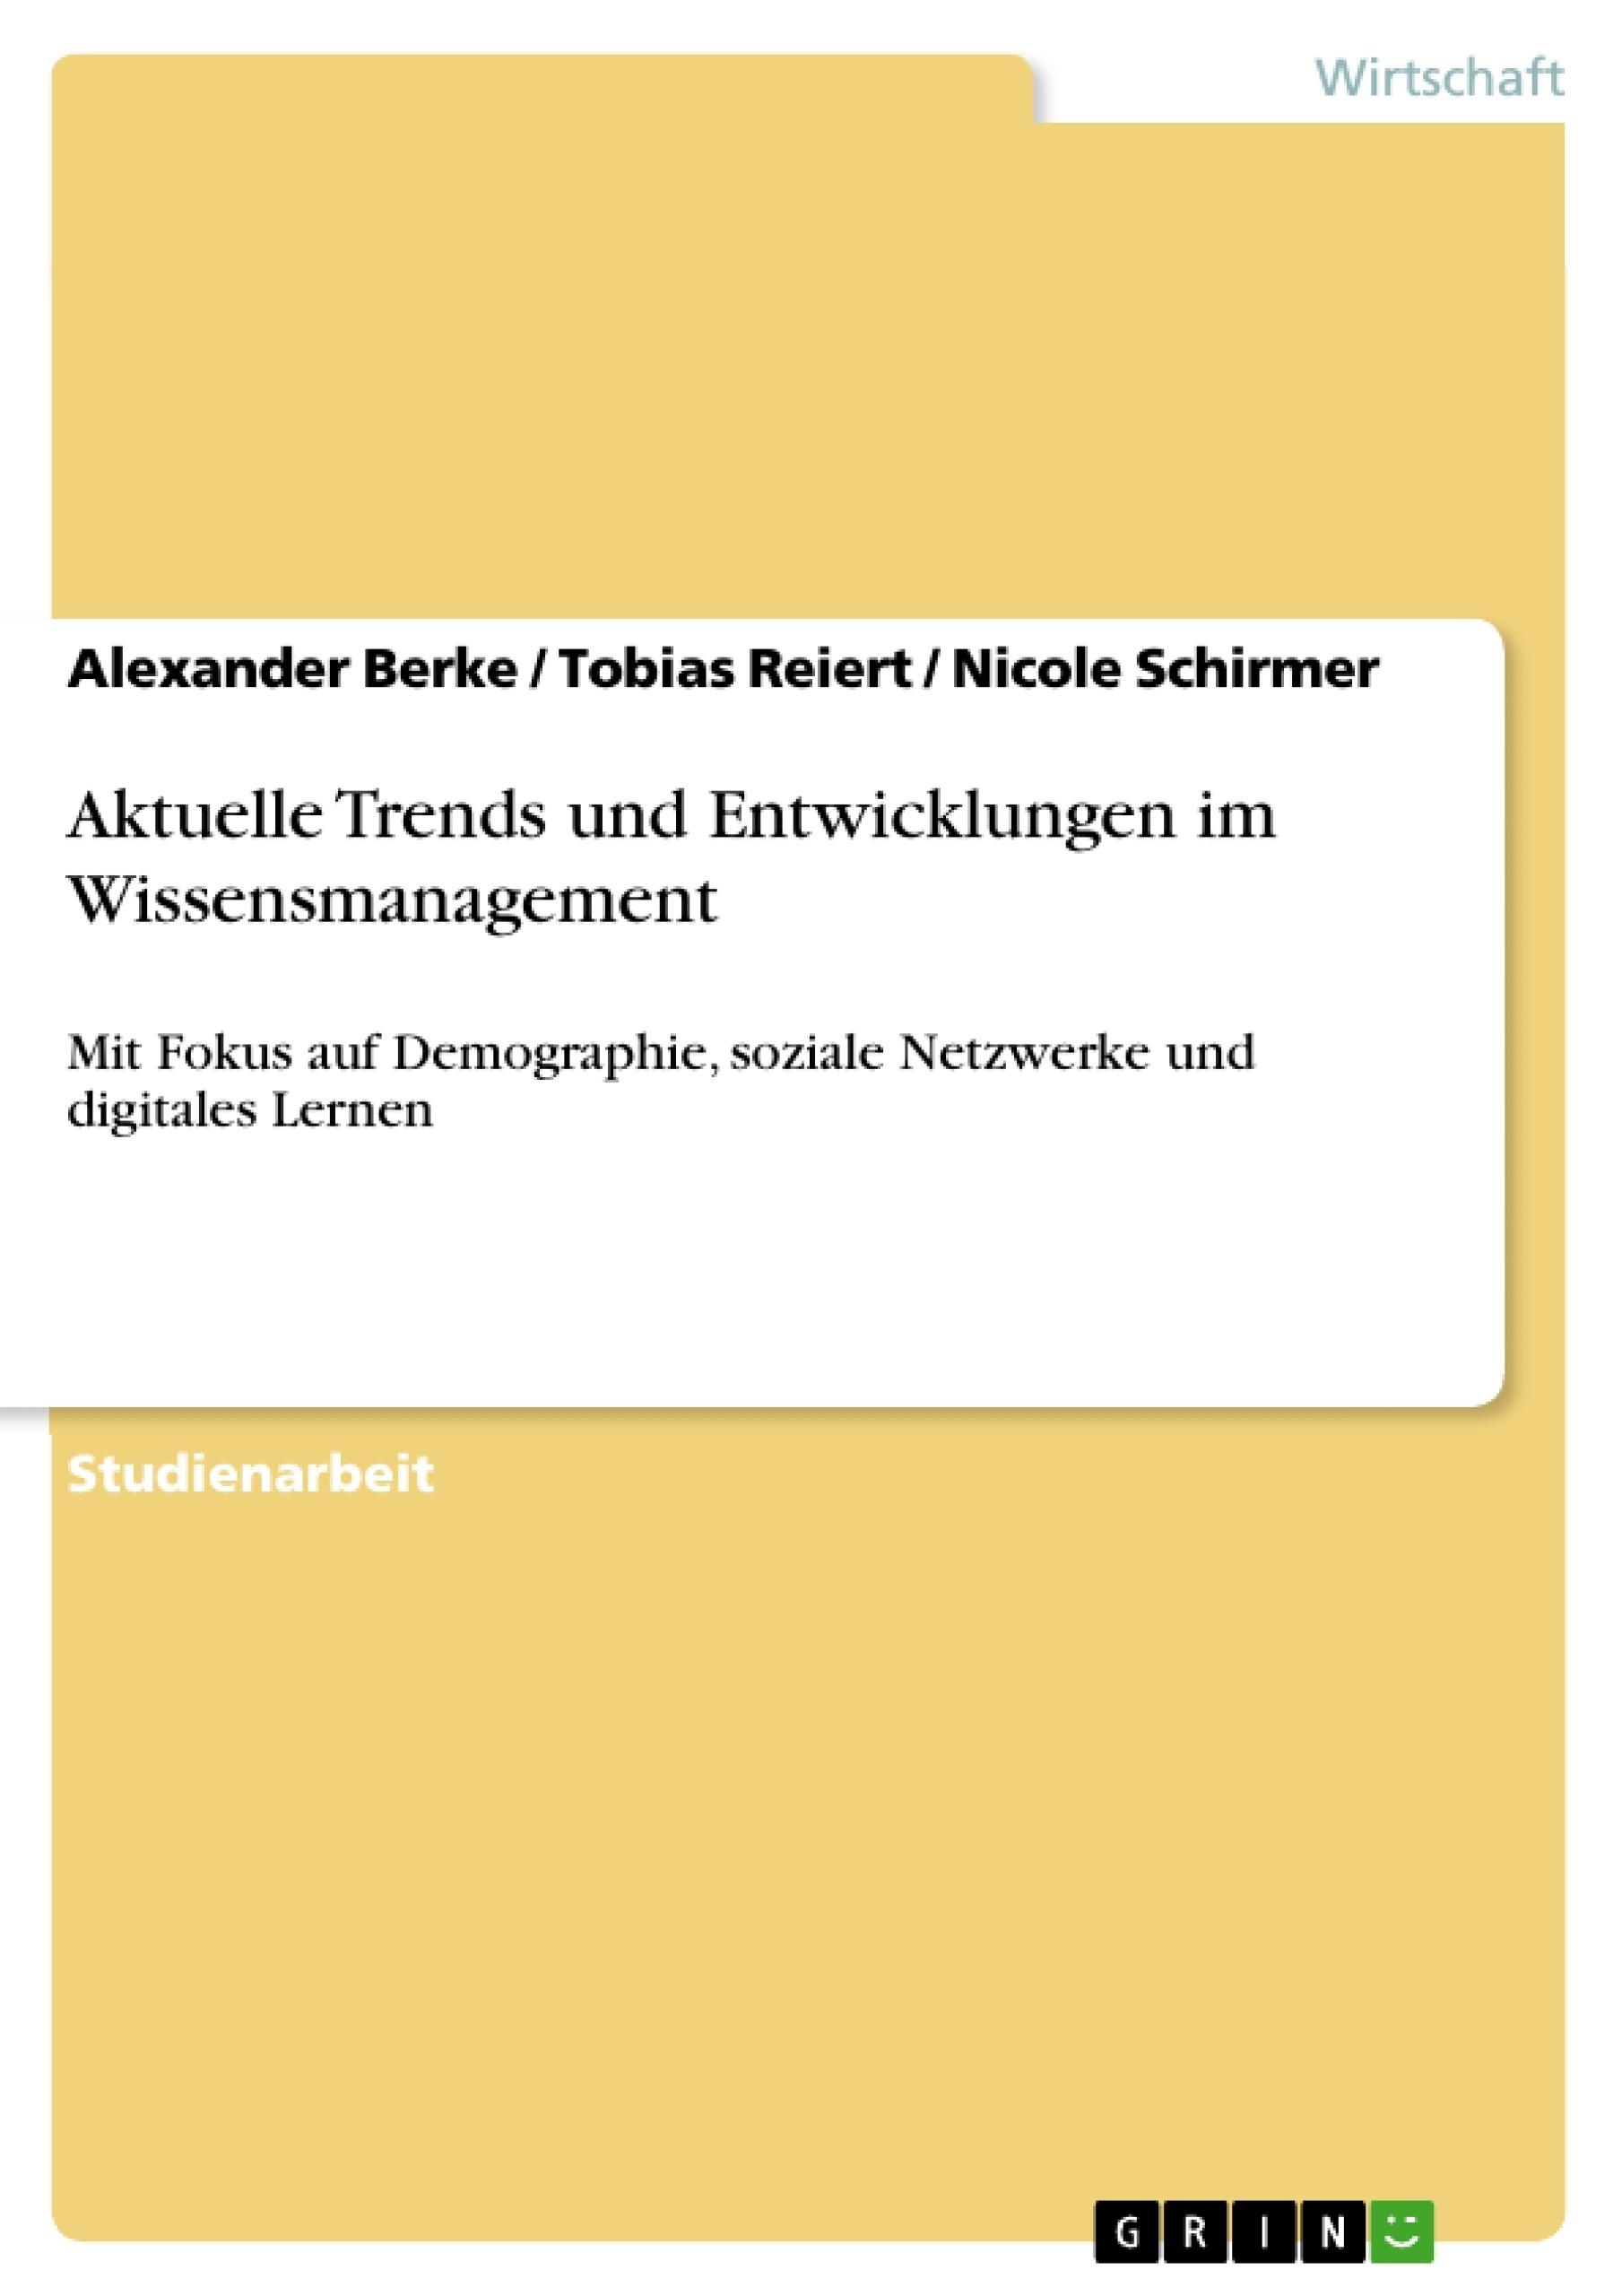 Titel: Aktuelle Trends und Entwicklungen im Wissensmanagement